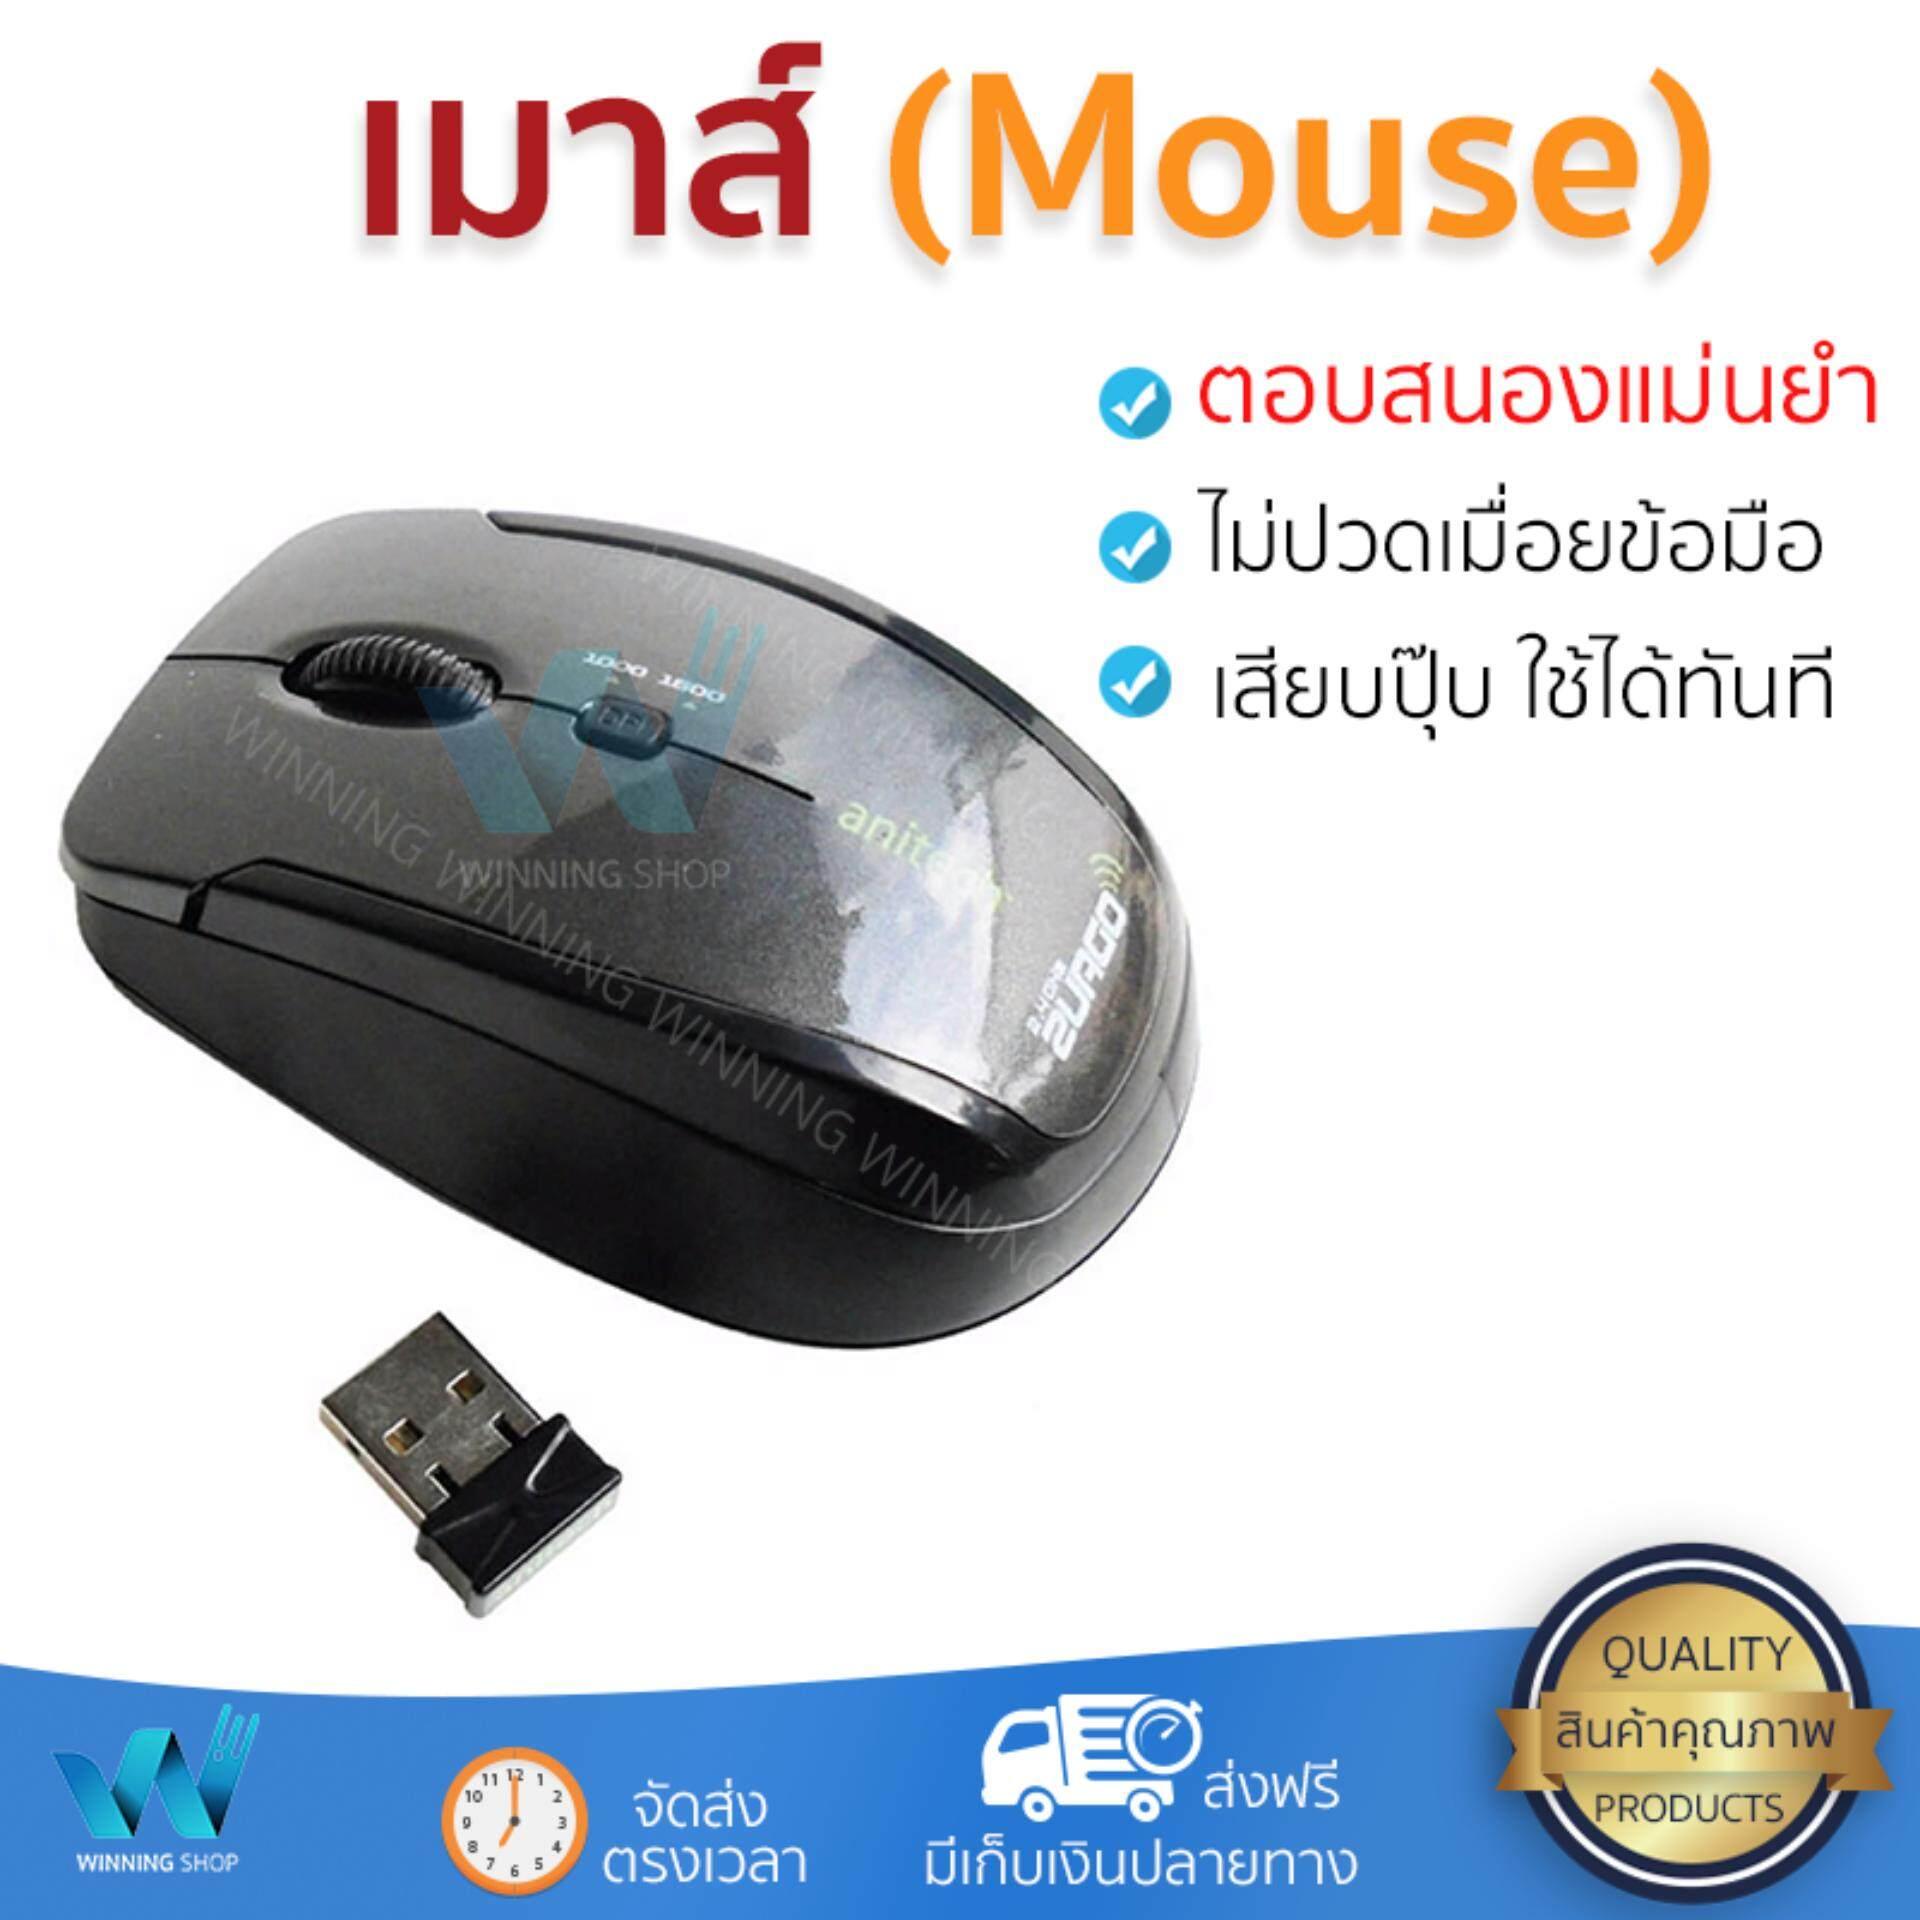 ขายดีมาก! รุ่นใหม่ล่าสุด เมาส์           ANITECH เมาส์ไร้สาย (สีดำ) รุ่น MW211             เซนเซอร์คุณภาพสูง ทำงานได้ลื่นไหล ไม่มีสะดุด Computer Mouse  รับประกันสินค้า 1 ปี จัดส่งฟรี Kerry ทั่วประเทศ